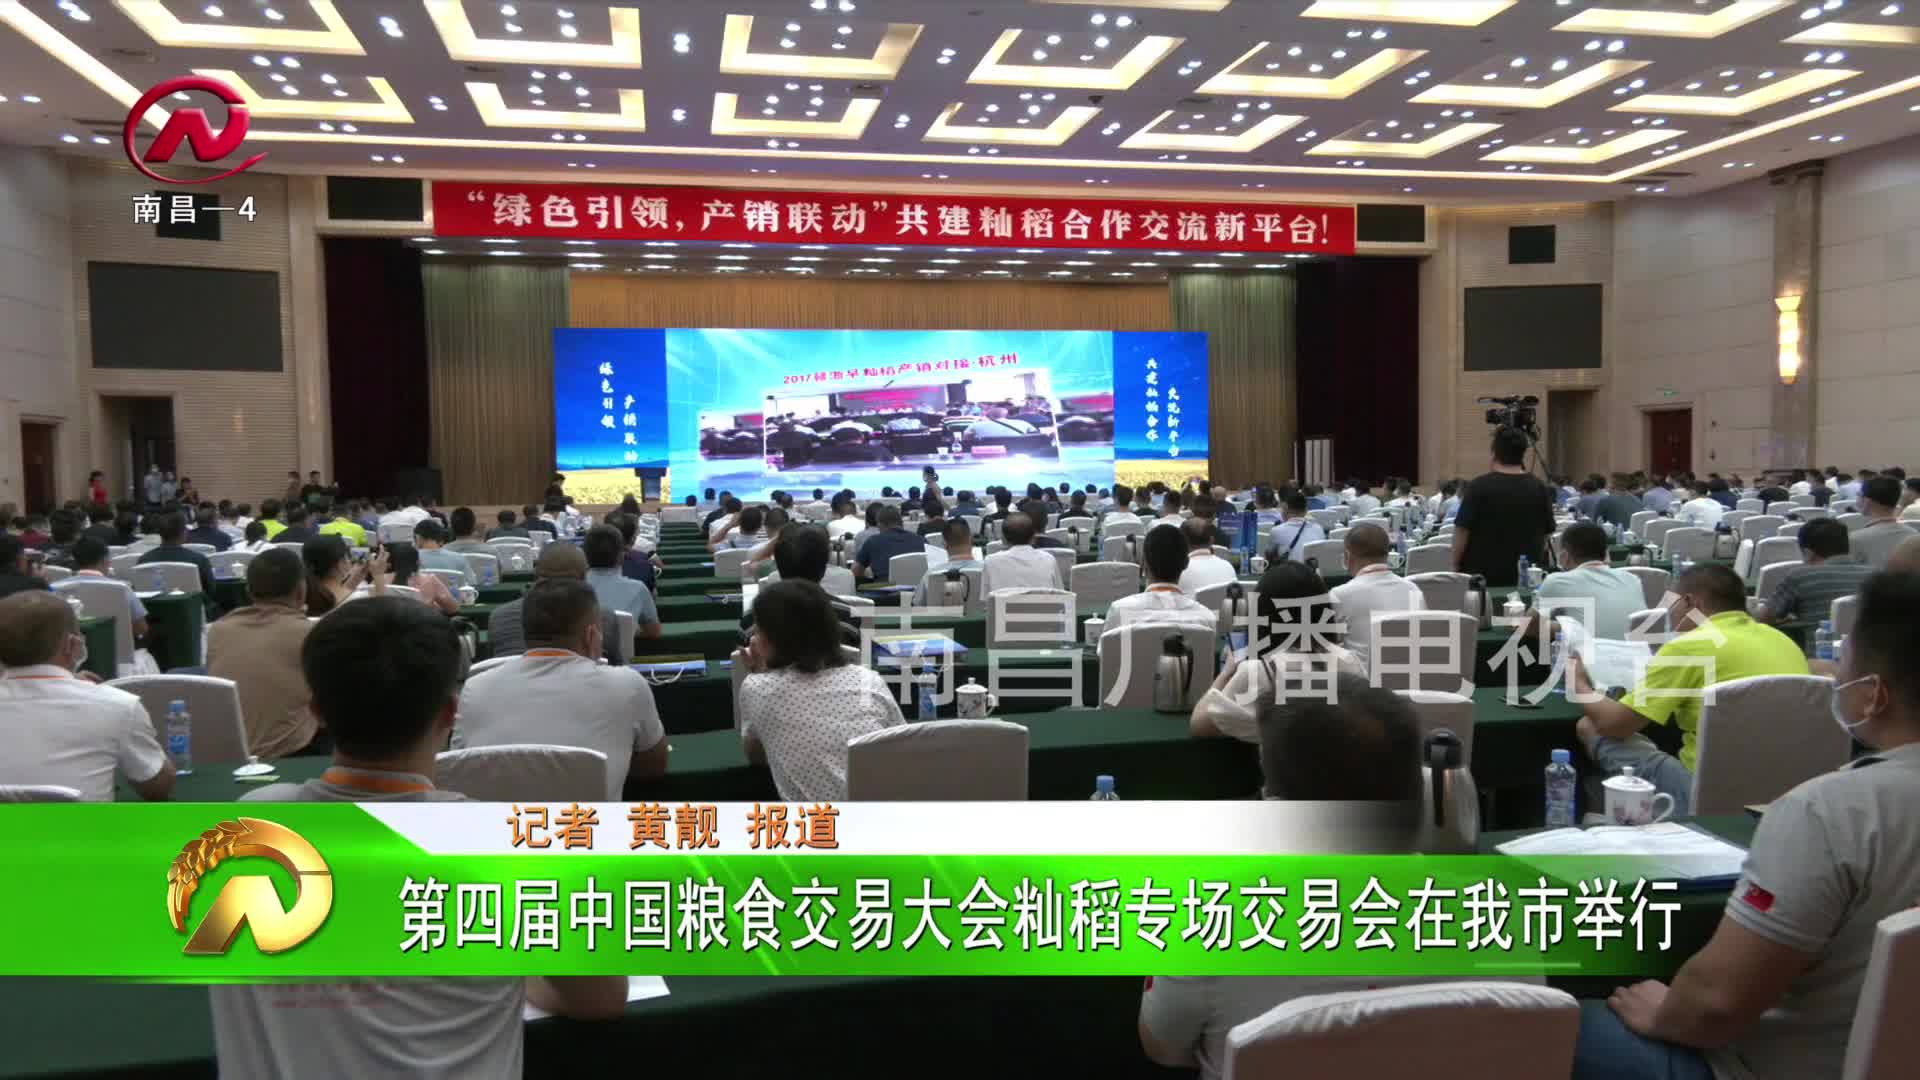 【豫章农视】第四届中国粮食交易大会籼稻专场交易会在我市举行